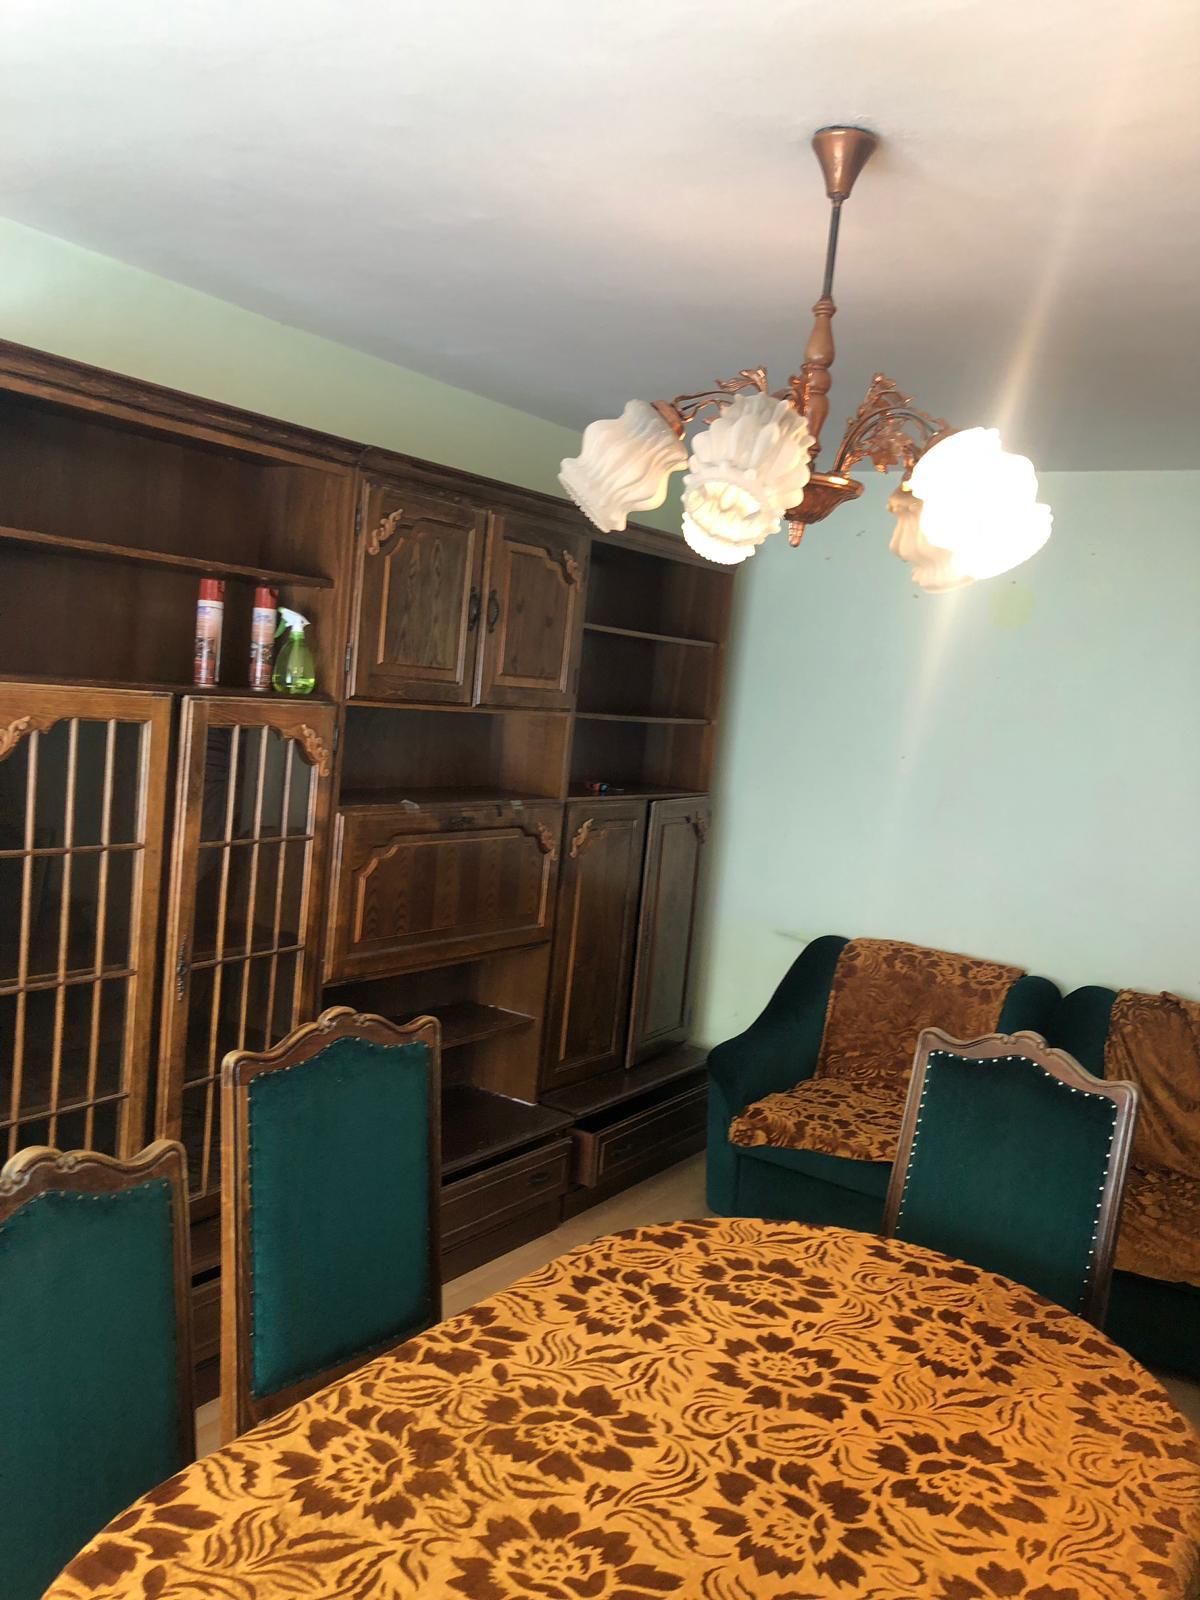 182860-Inchiriere apartament 3 camere, Zorilor, Cluj-Napoca